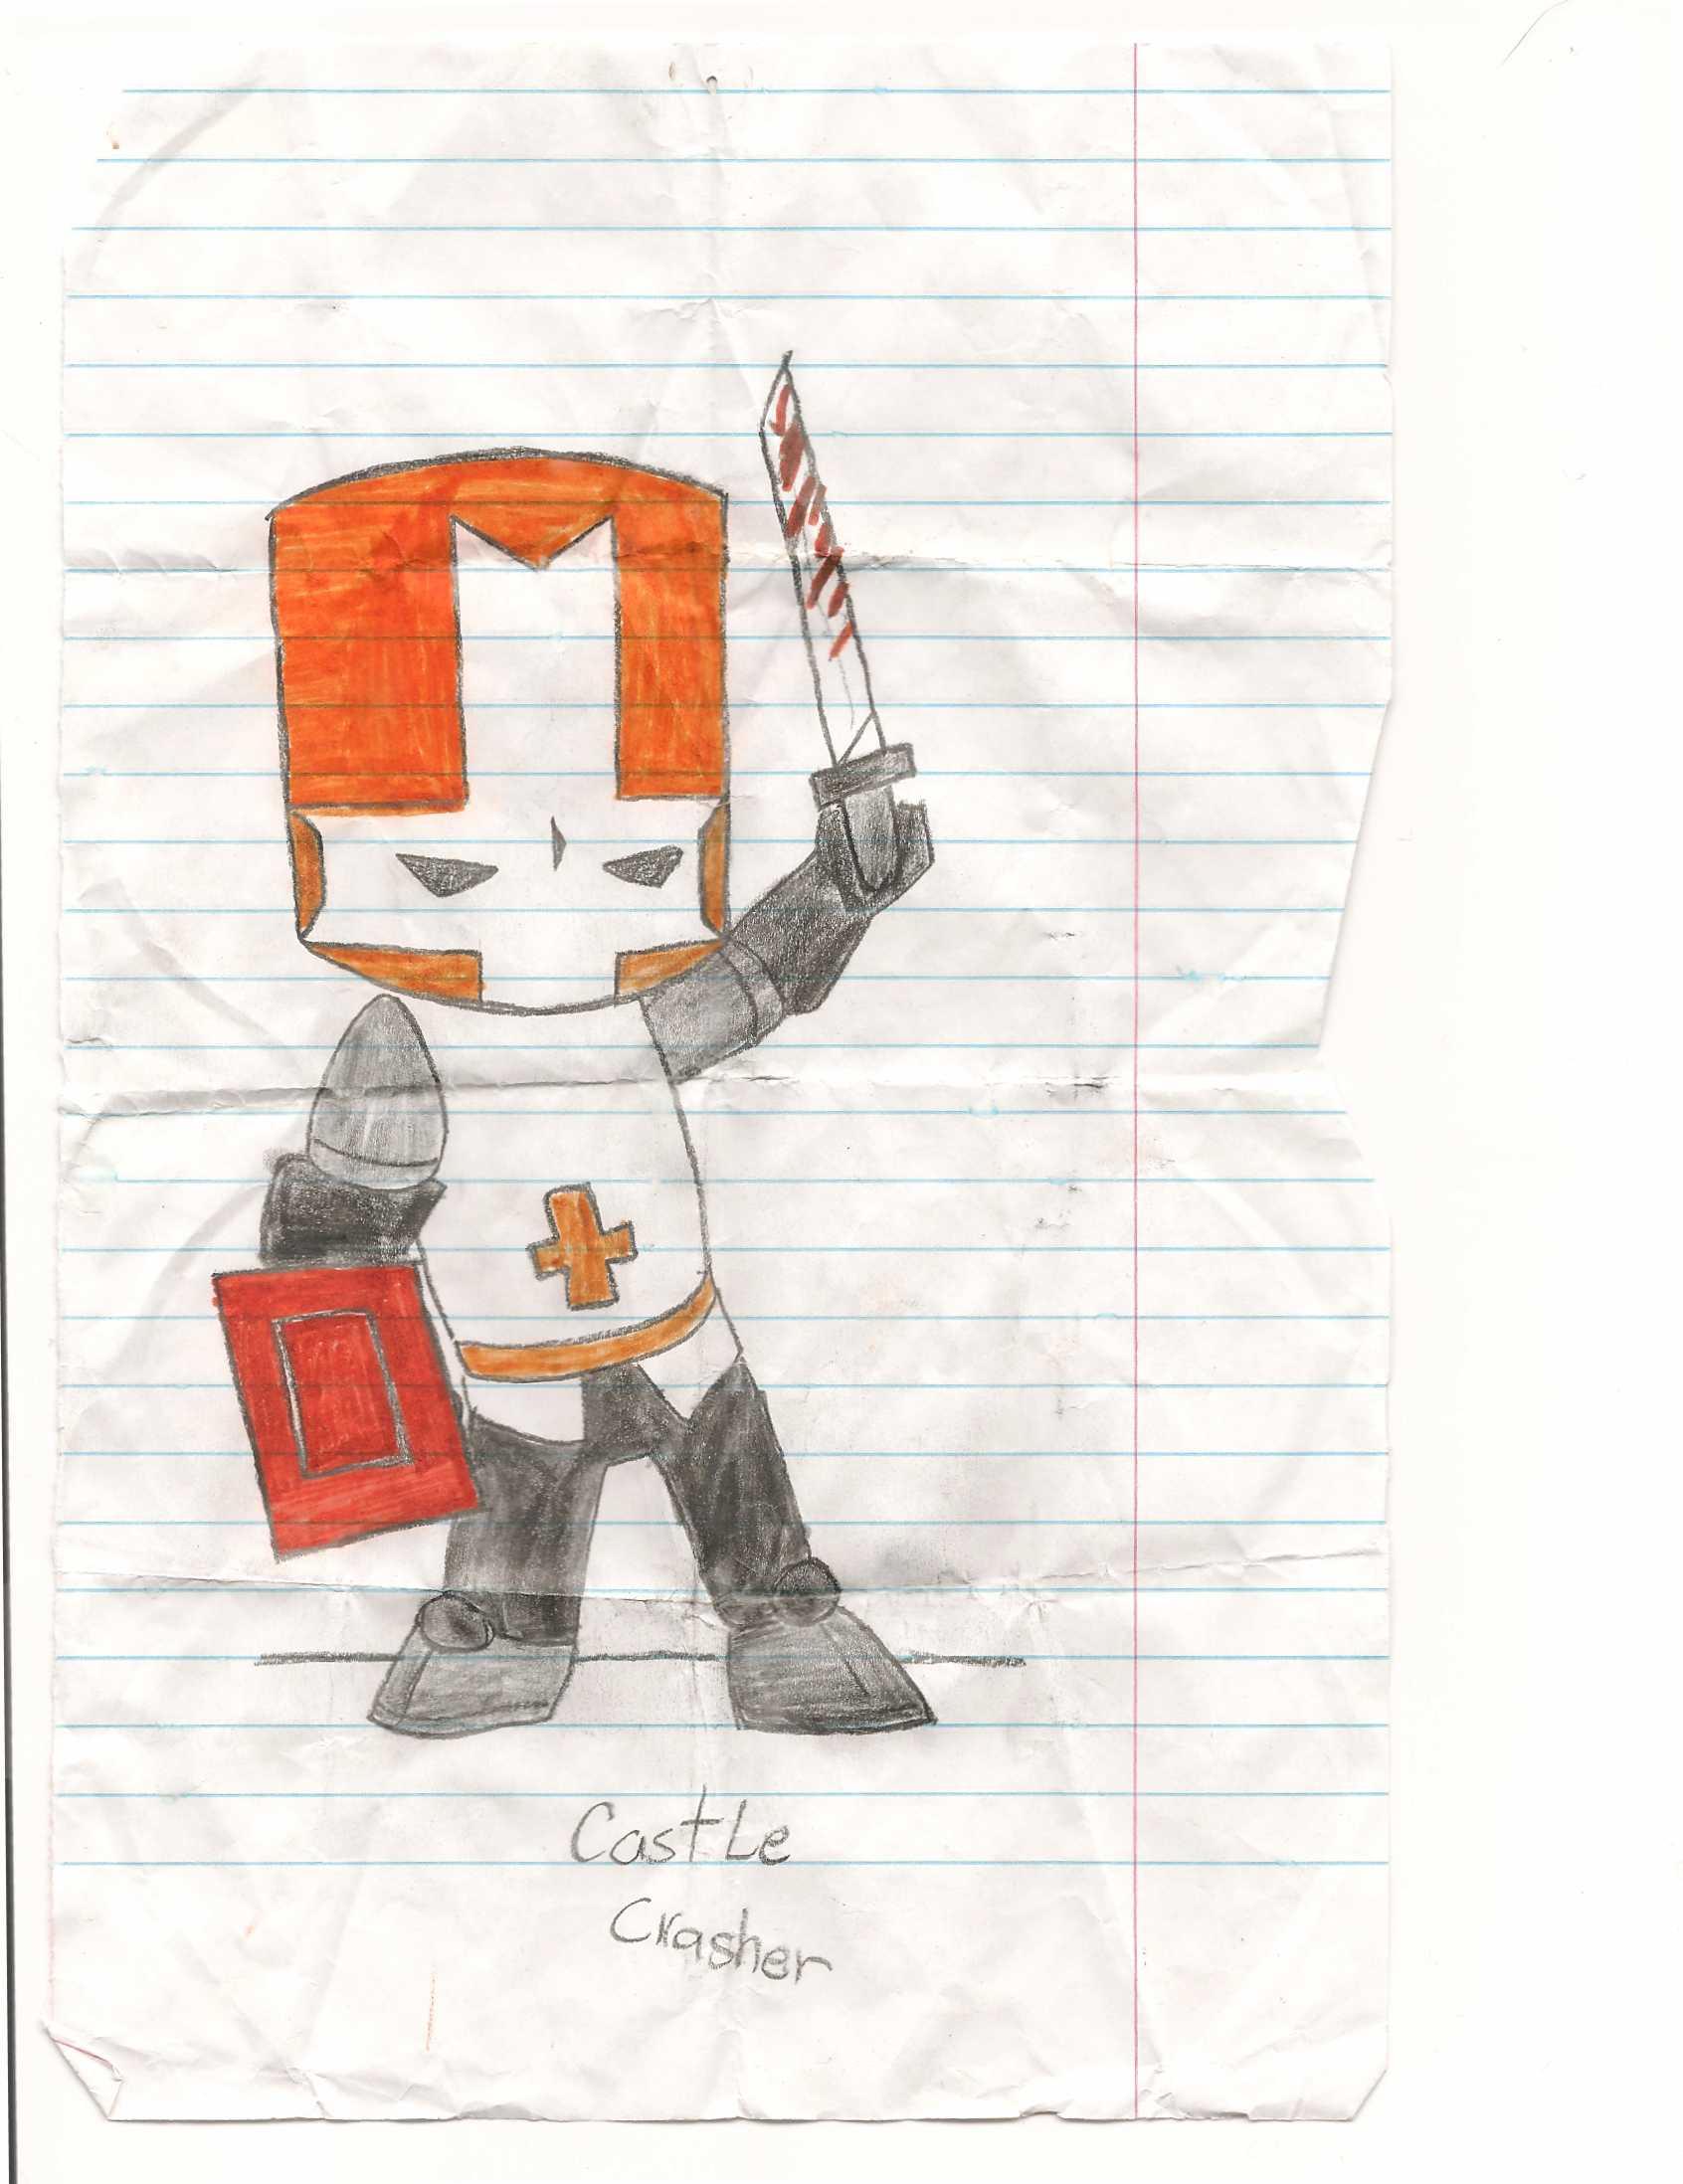 orange castle crasher